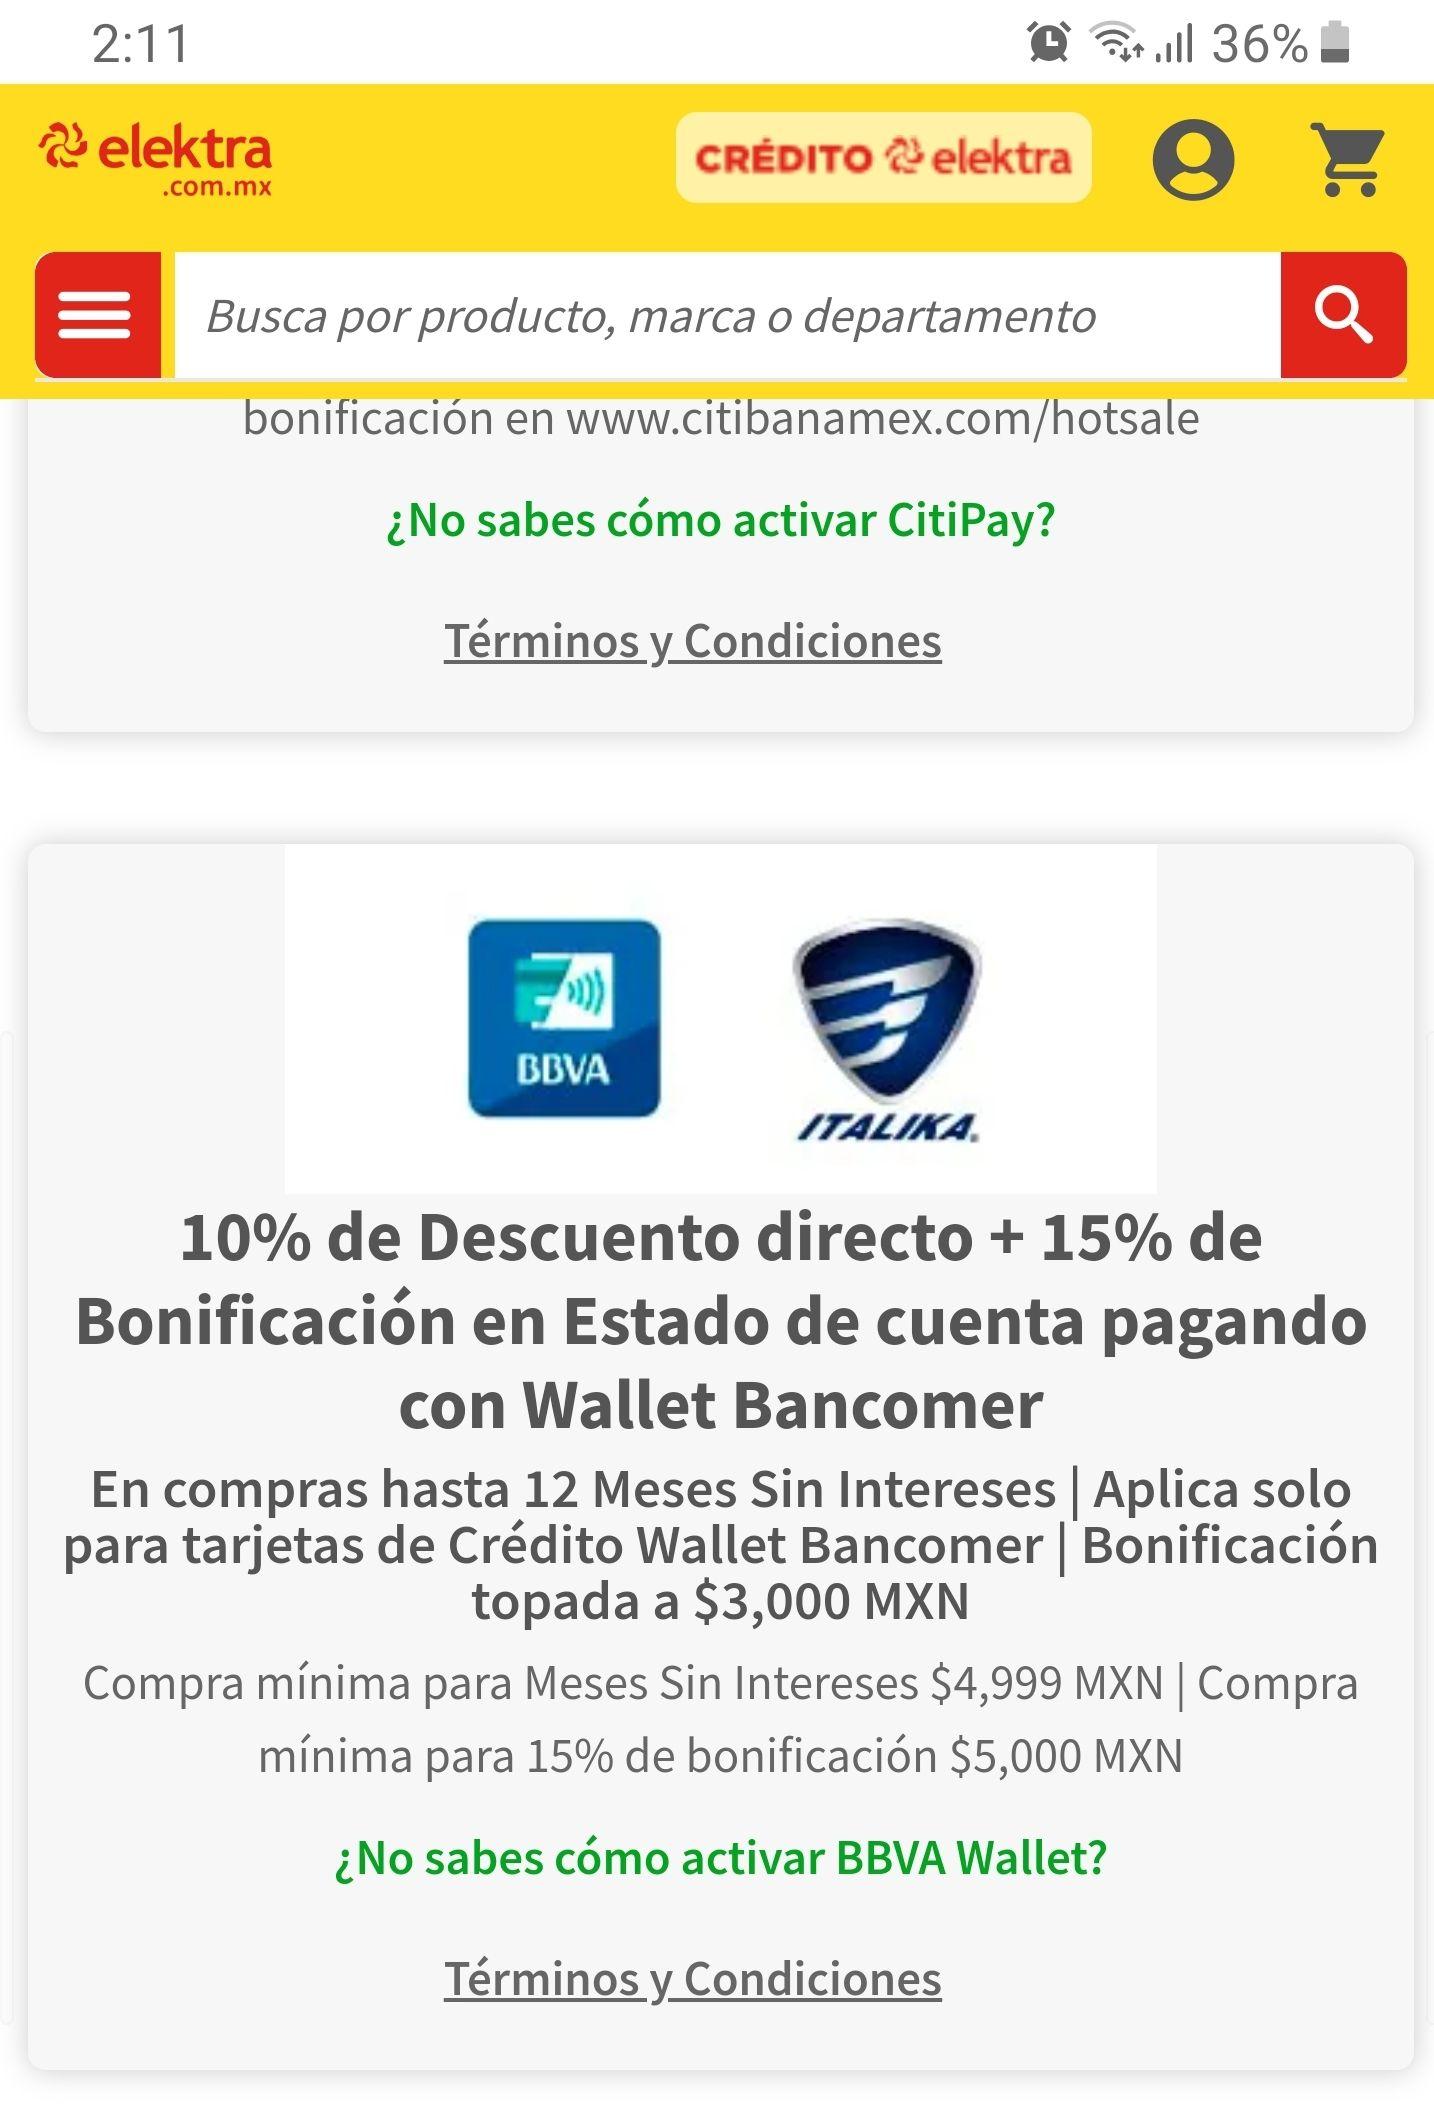 Elektra: Motocicletas Italika con 10% de descuento más el 15% en bonificación pagando con TDC BBVA Wallet